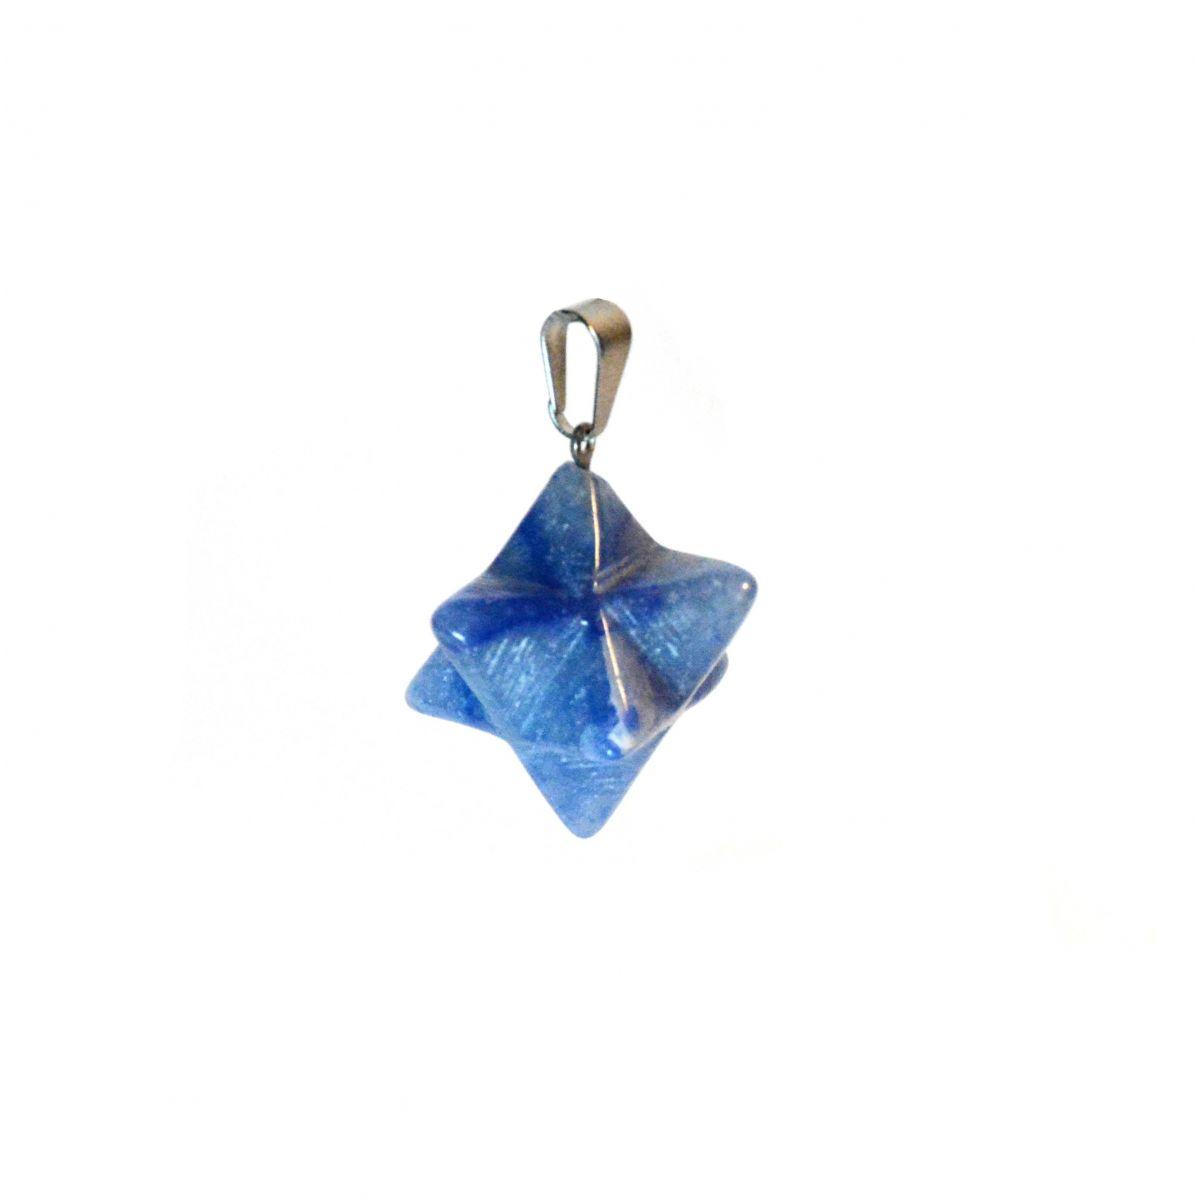 Merkabah - quartzo azul